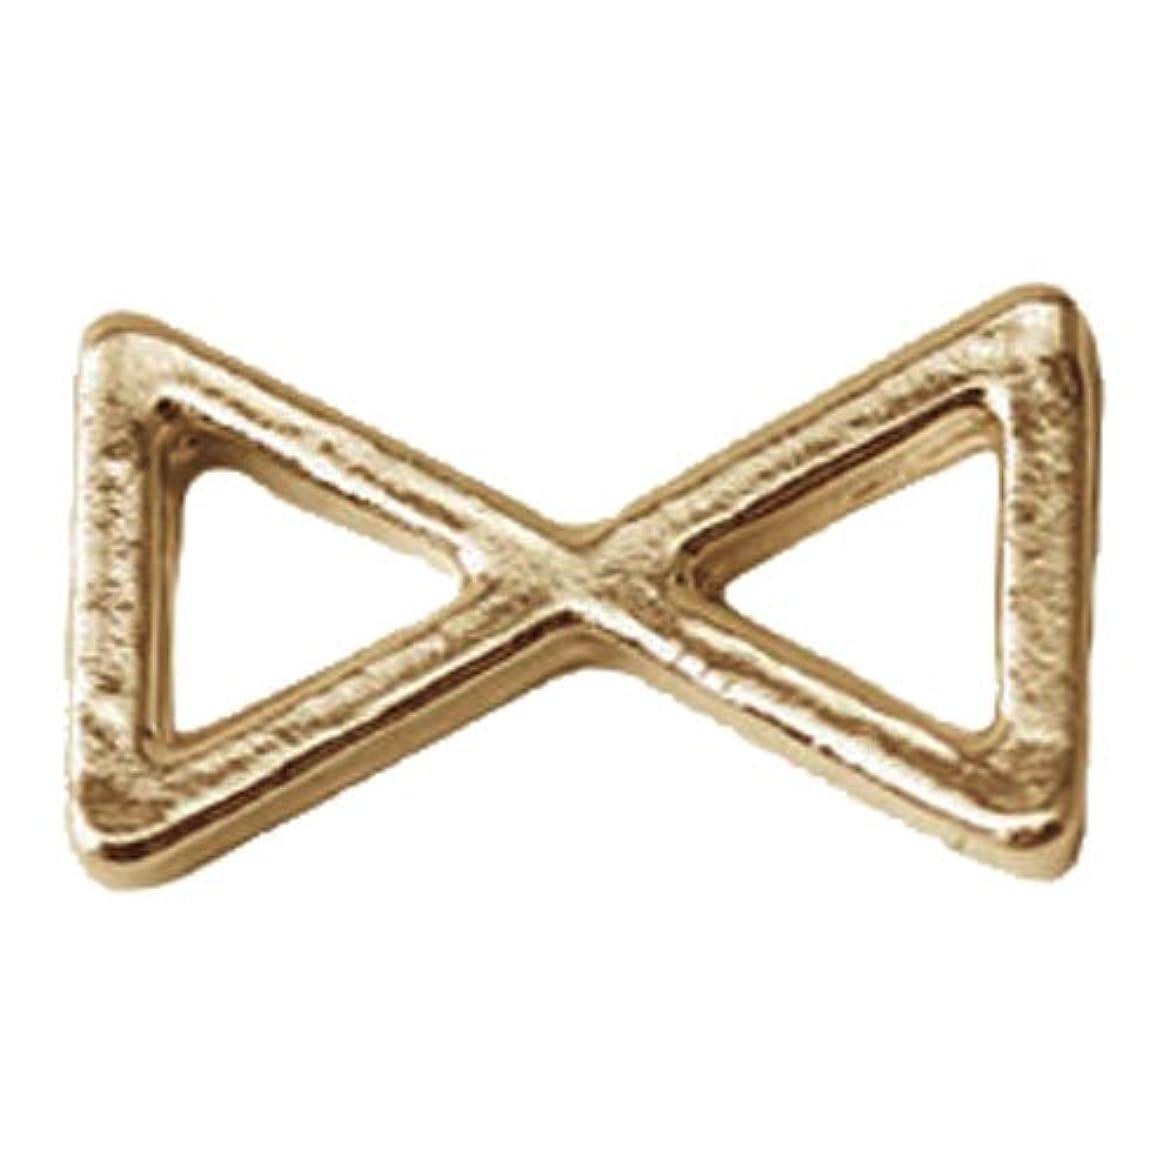 ジム折コースプリティーネイル ネイルアートパーツ プレーンリボンL ゴールド 10個